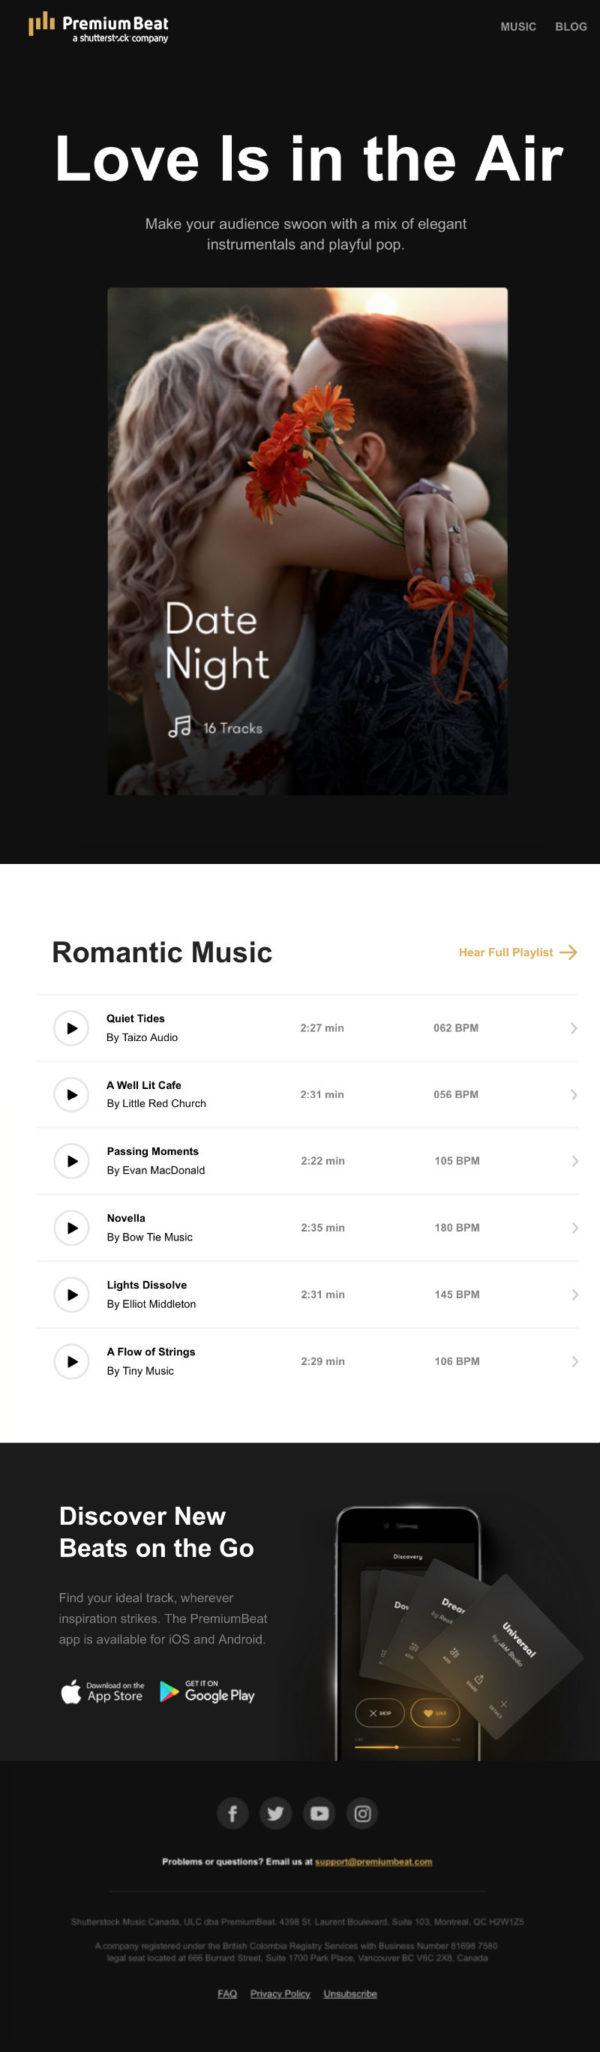 Емейл рассылка по случаю Дня святого Валентина от PremiumBeat с приятным подарком в качестве подборки романтичных песен